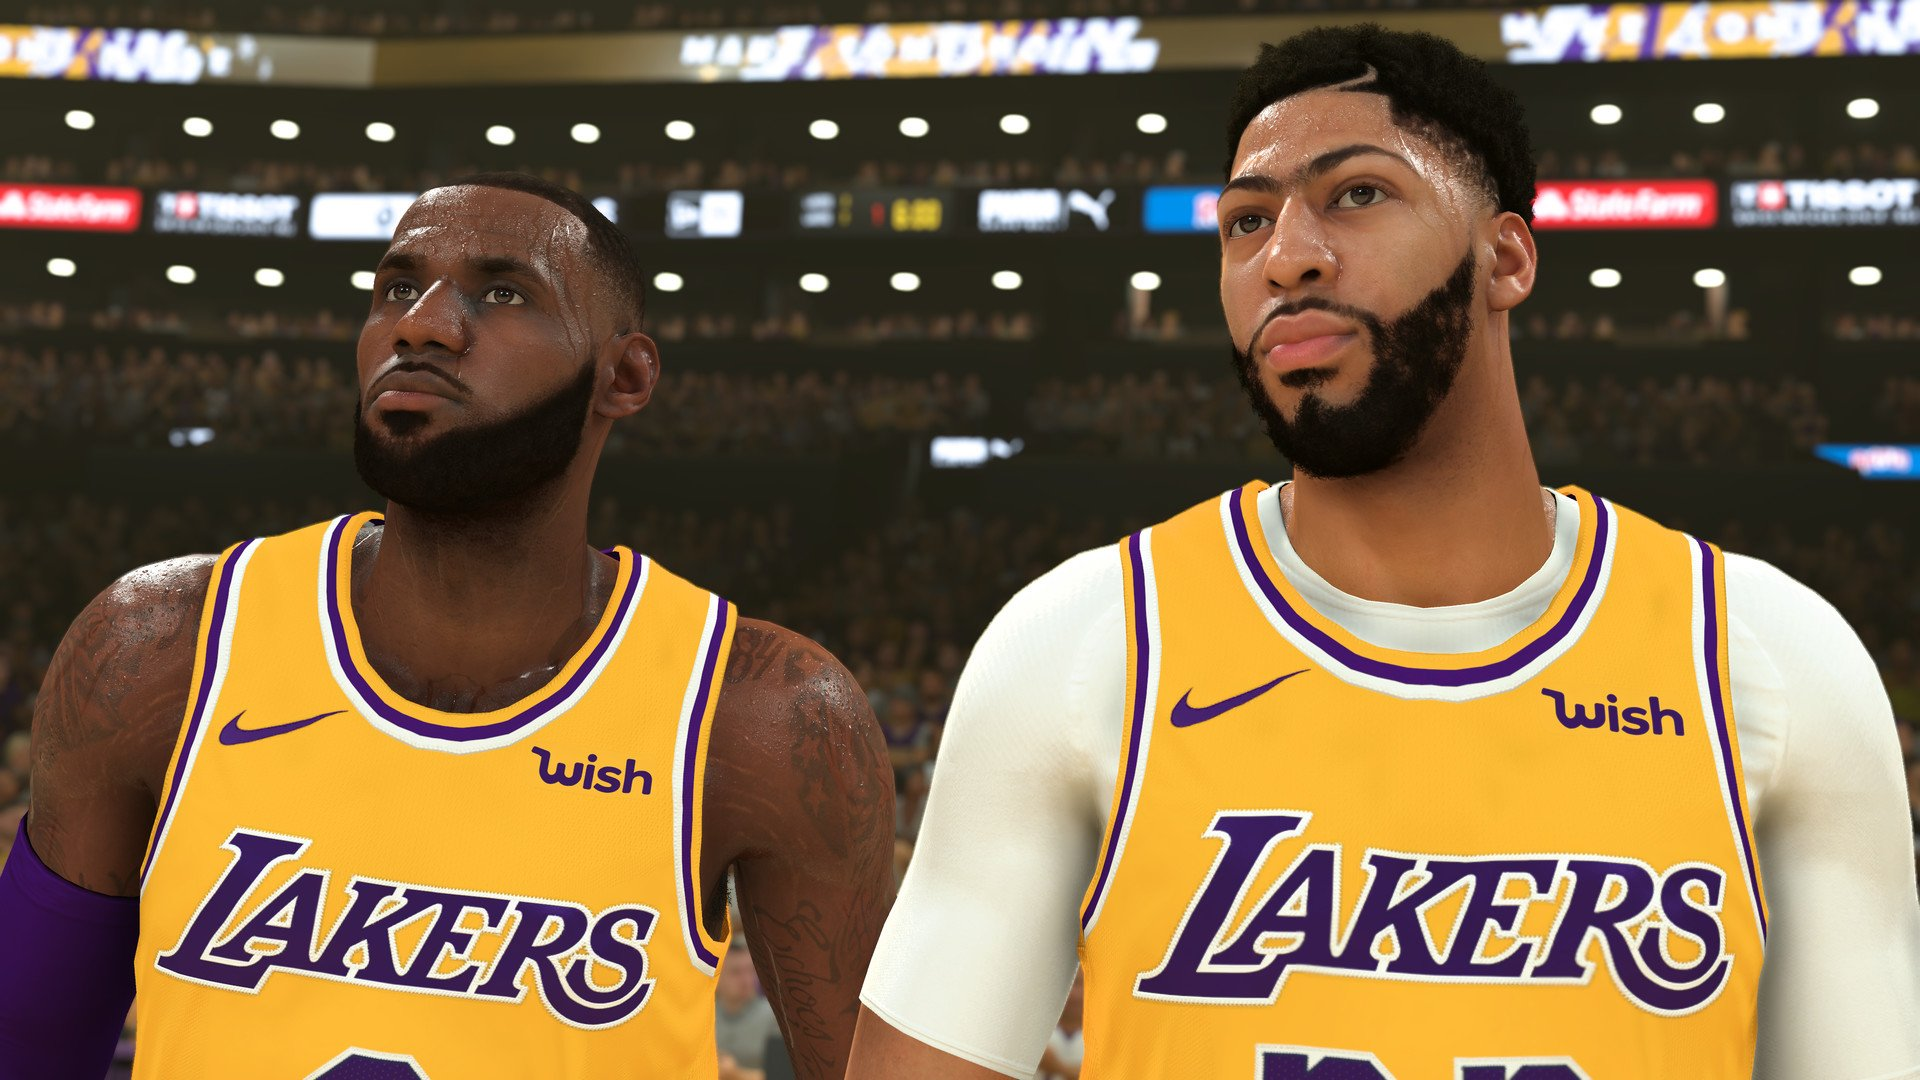 Скриншот к игре NBA 2K20 [v 1.07] (2019) скачать торрент RePack от xatab